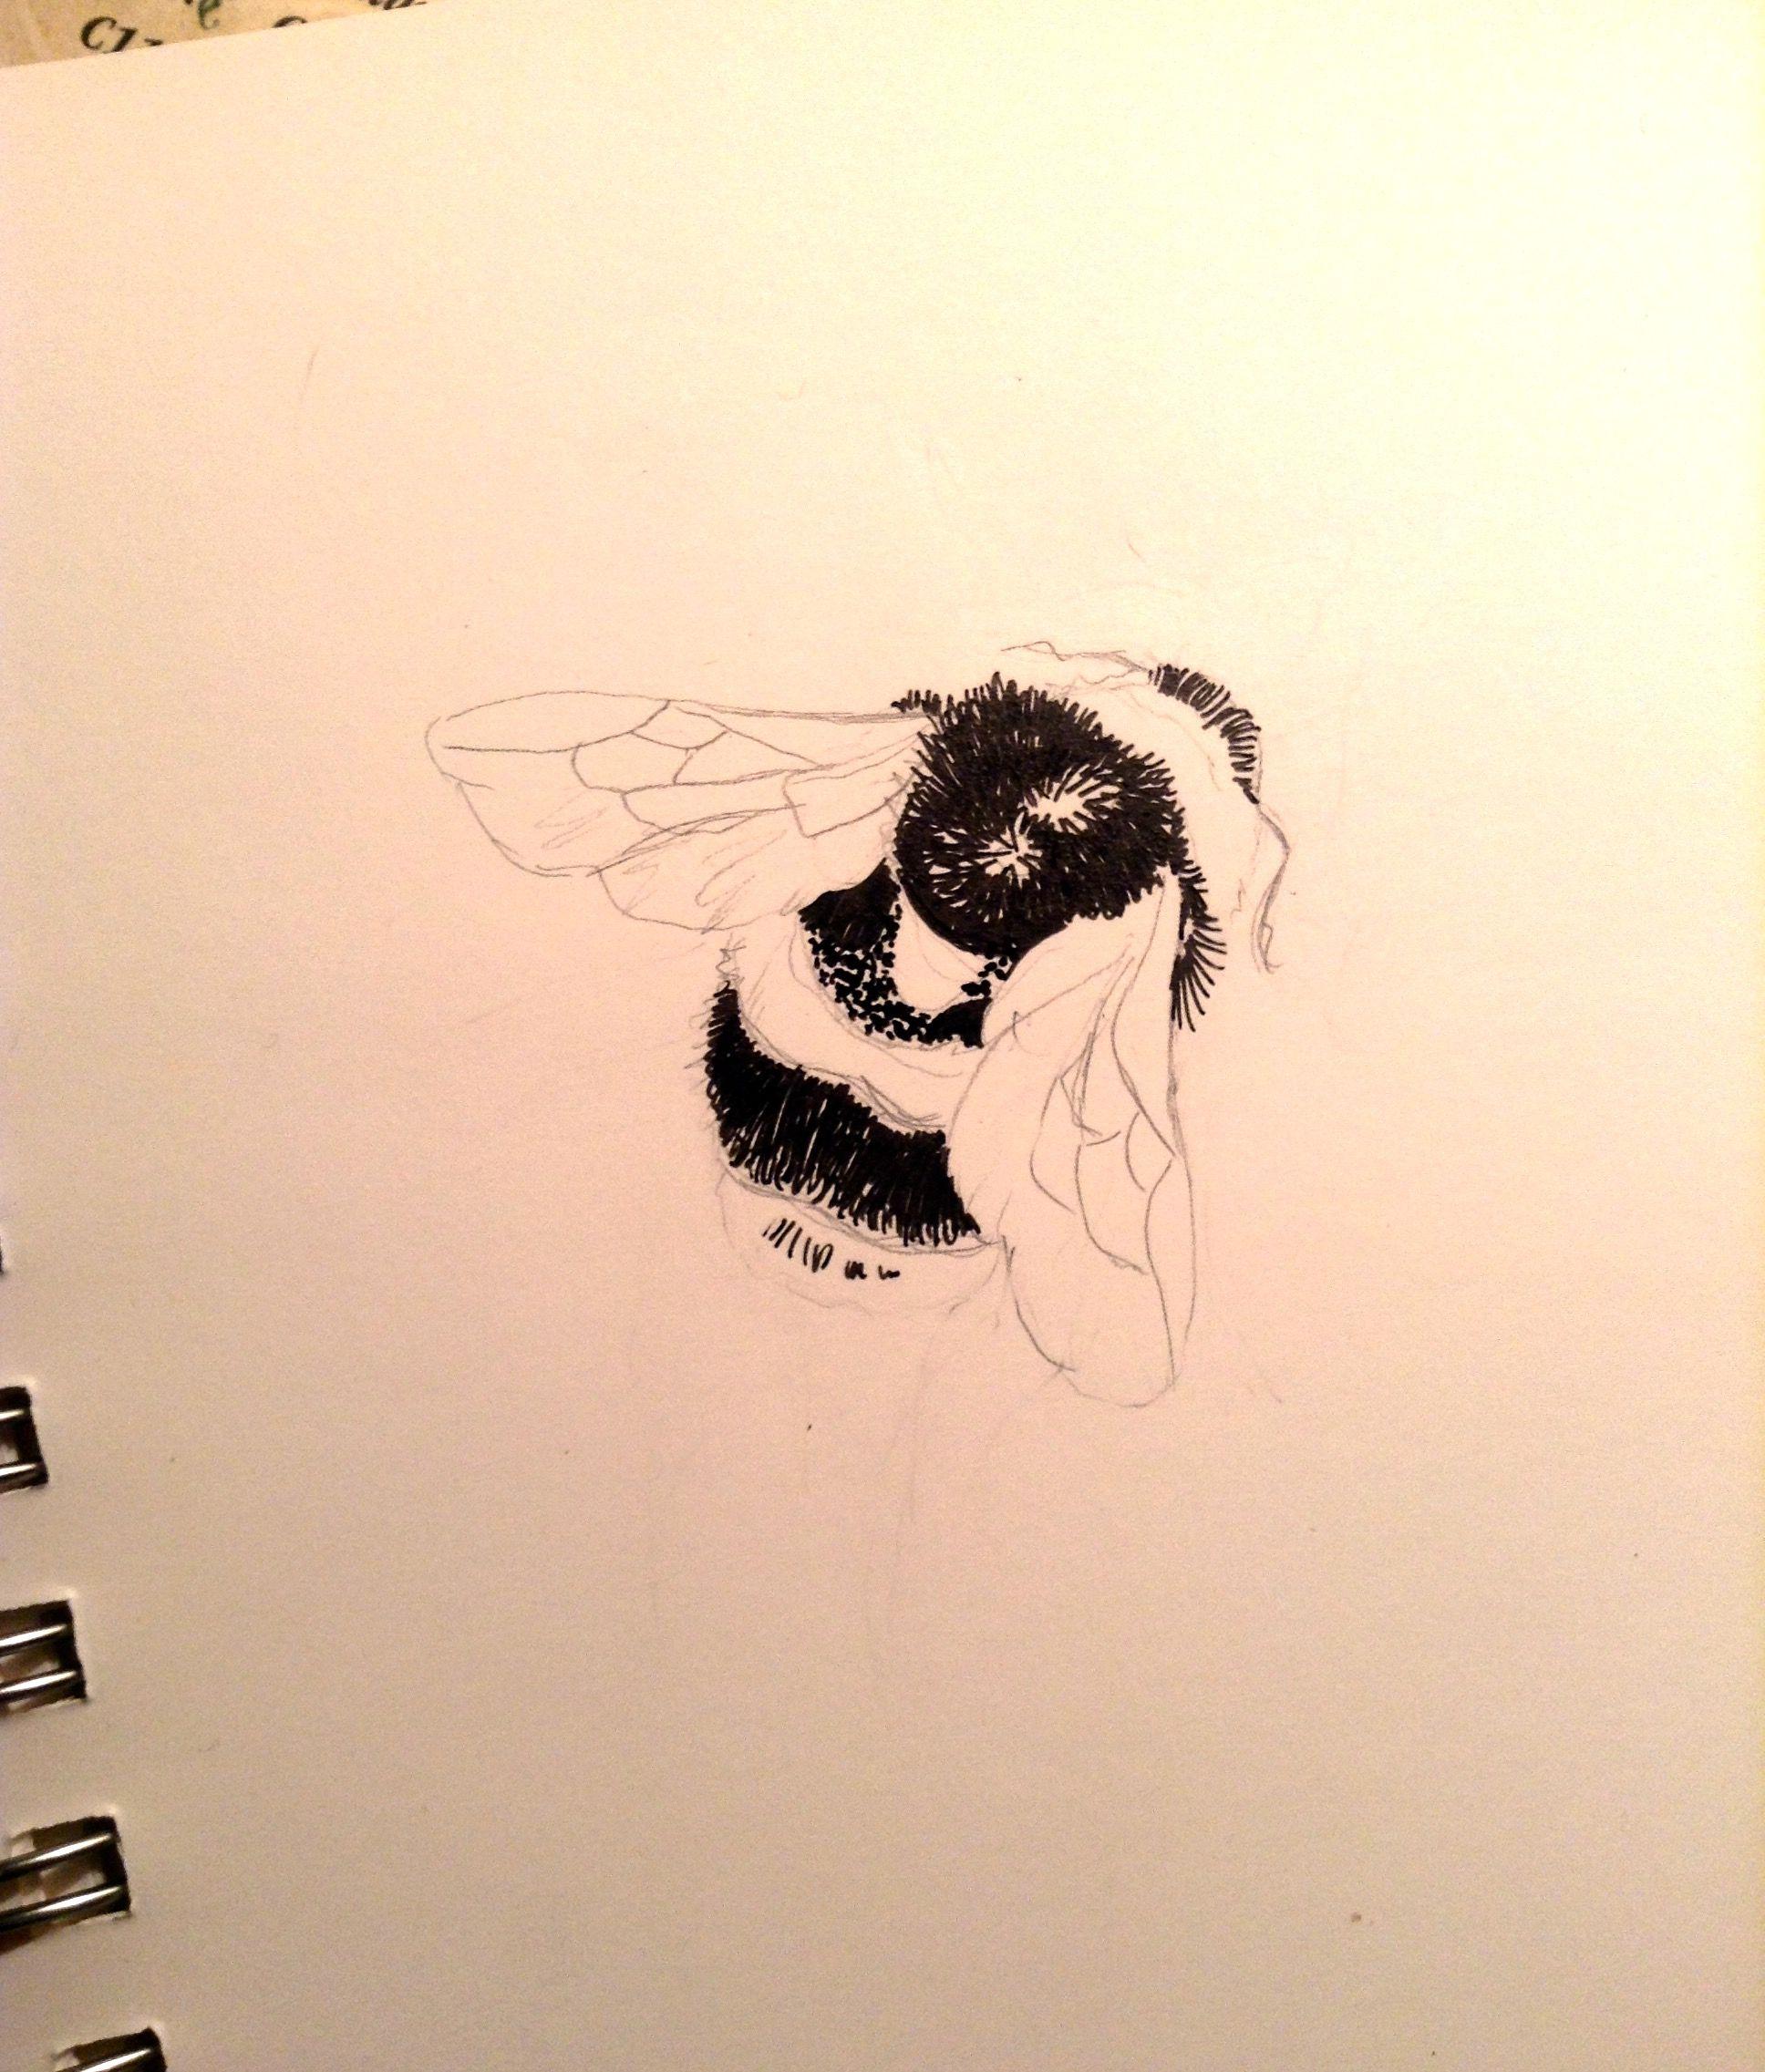 Bumblebee sketch